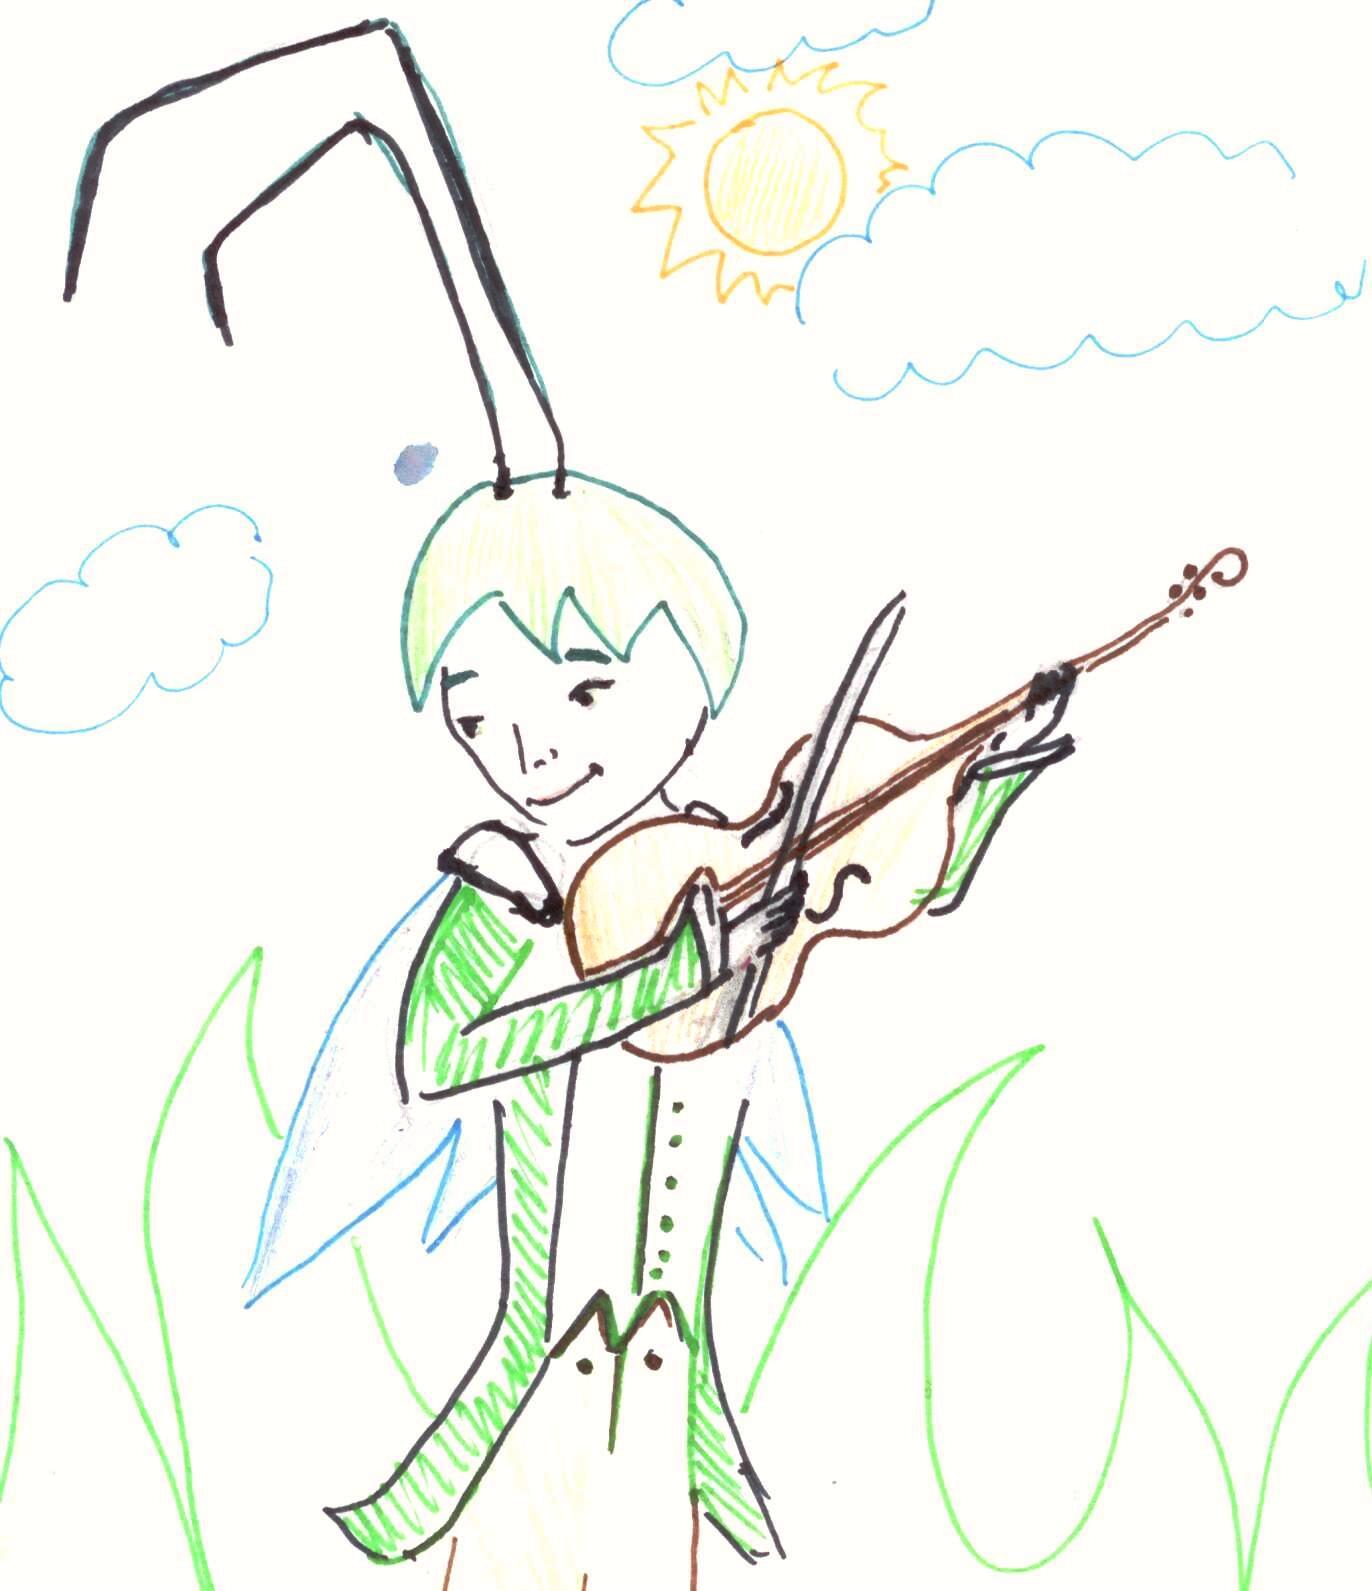 Брат скрипач